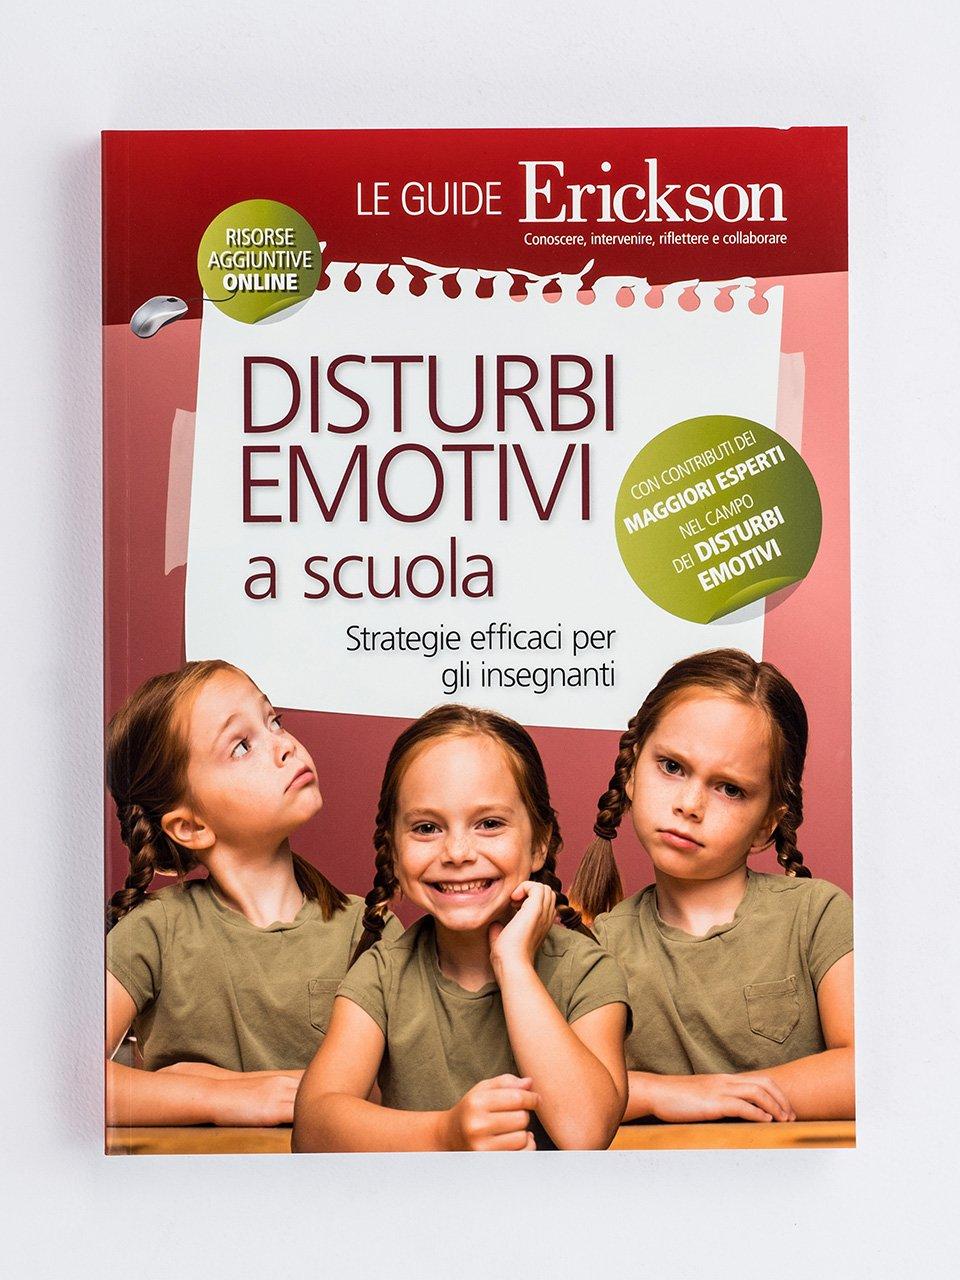 Disturbi emotivi a scuola - La regolazione delle emozioni in psicoterapia - Libri - Erickson